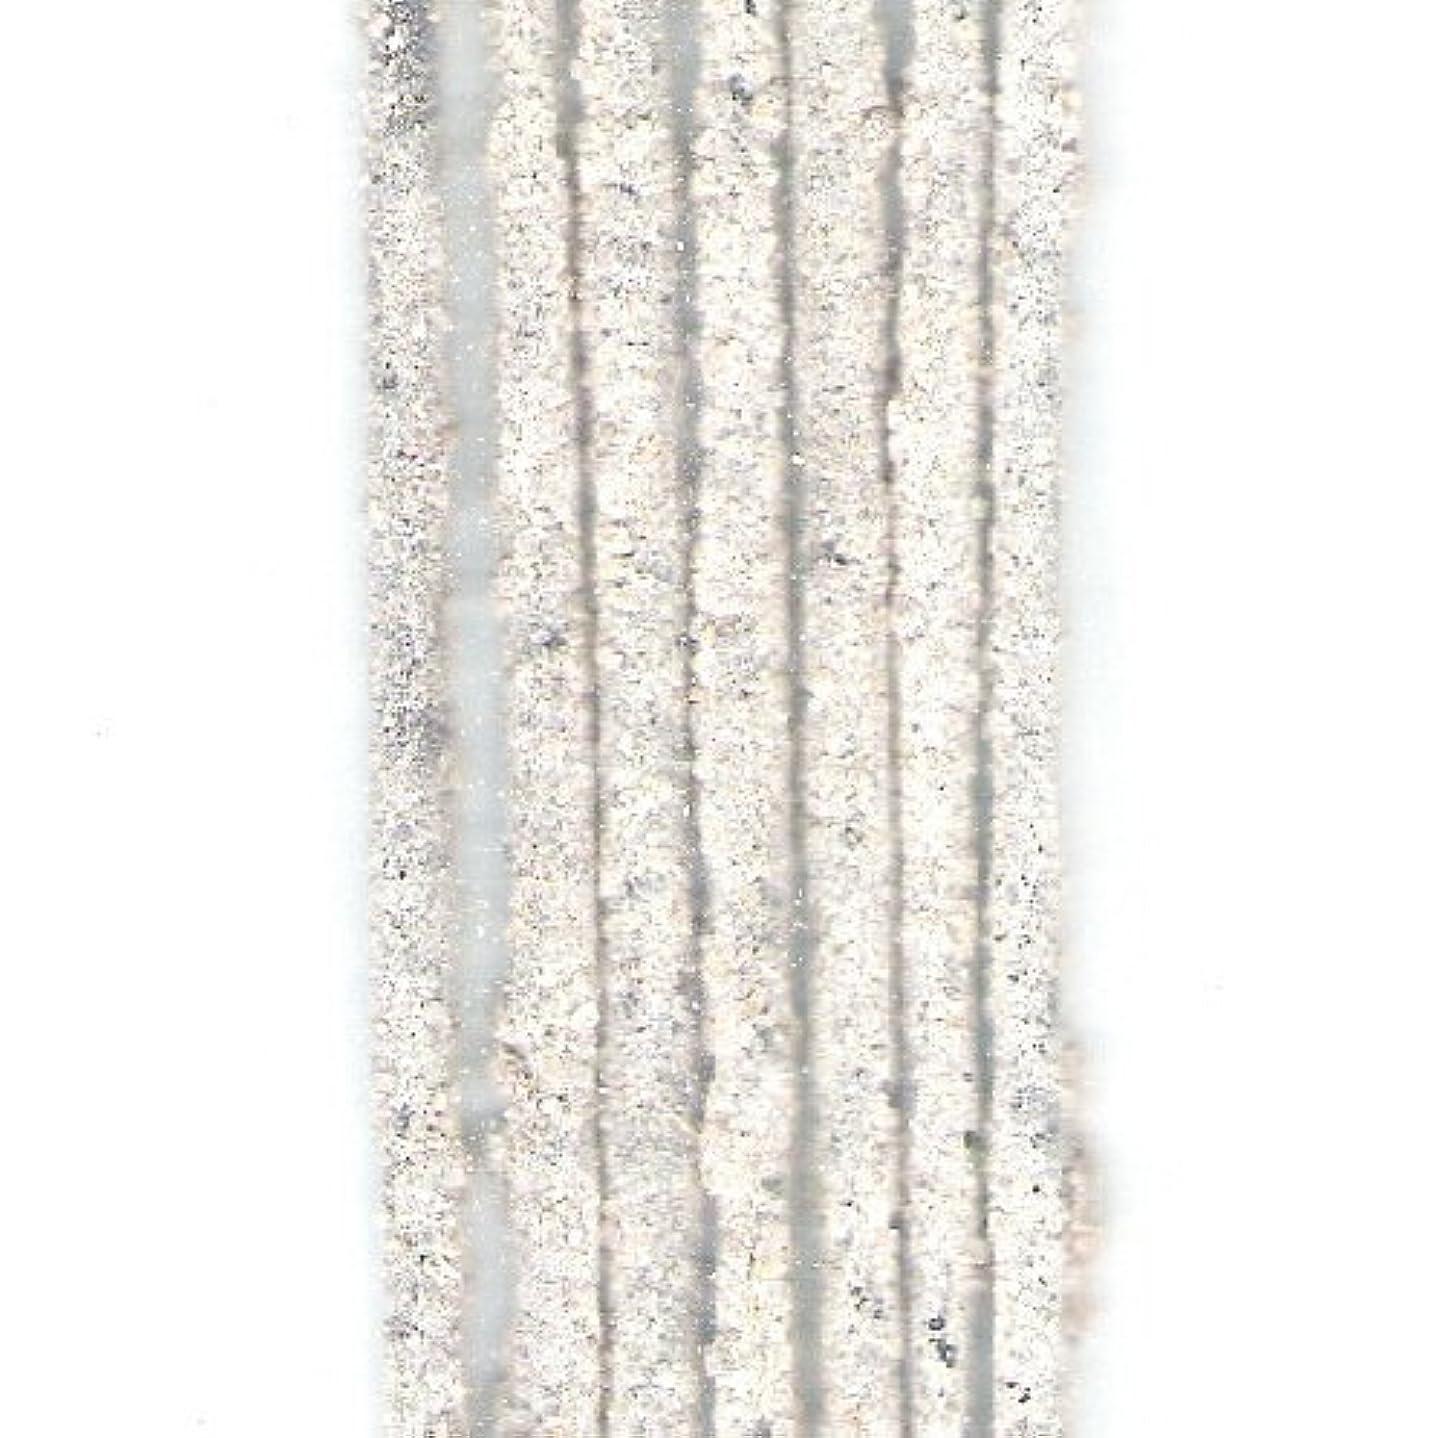 繊細化石マンモスNature Frankincense Benzoin Pure樹脂over Stick Incense 10 Sticks